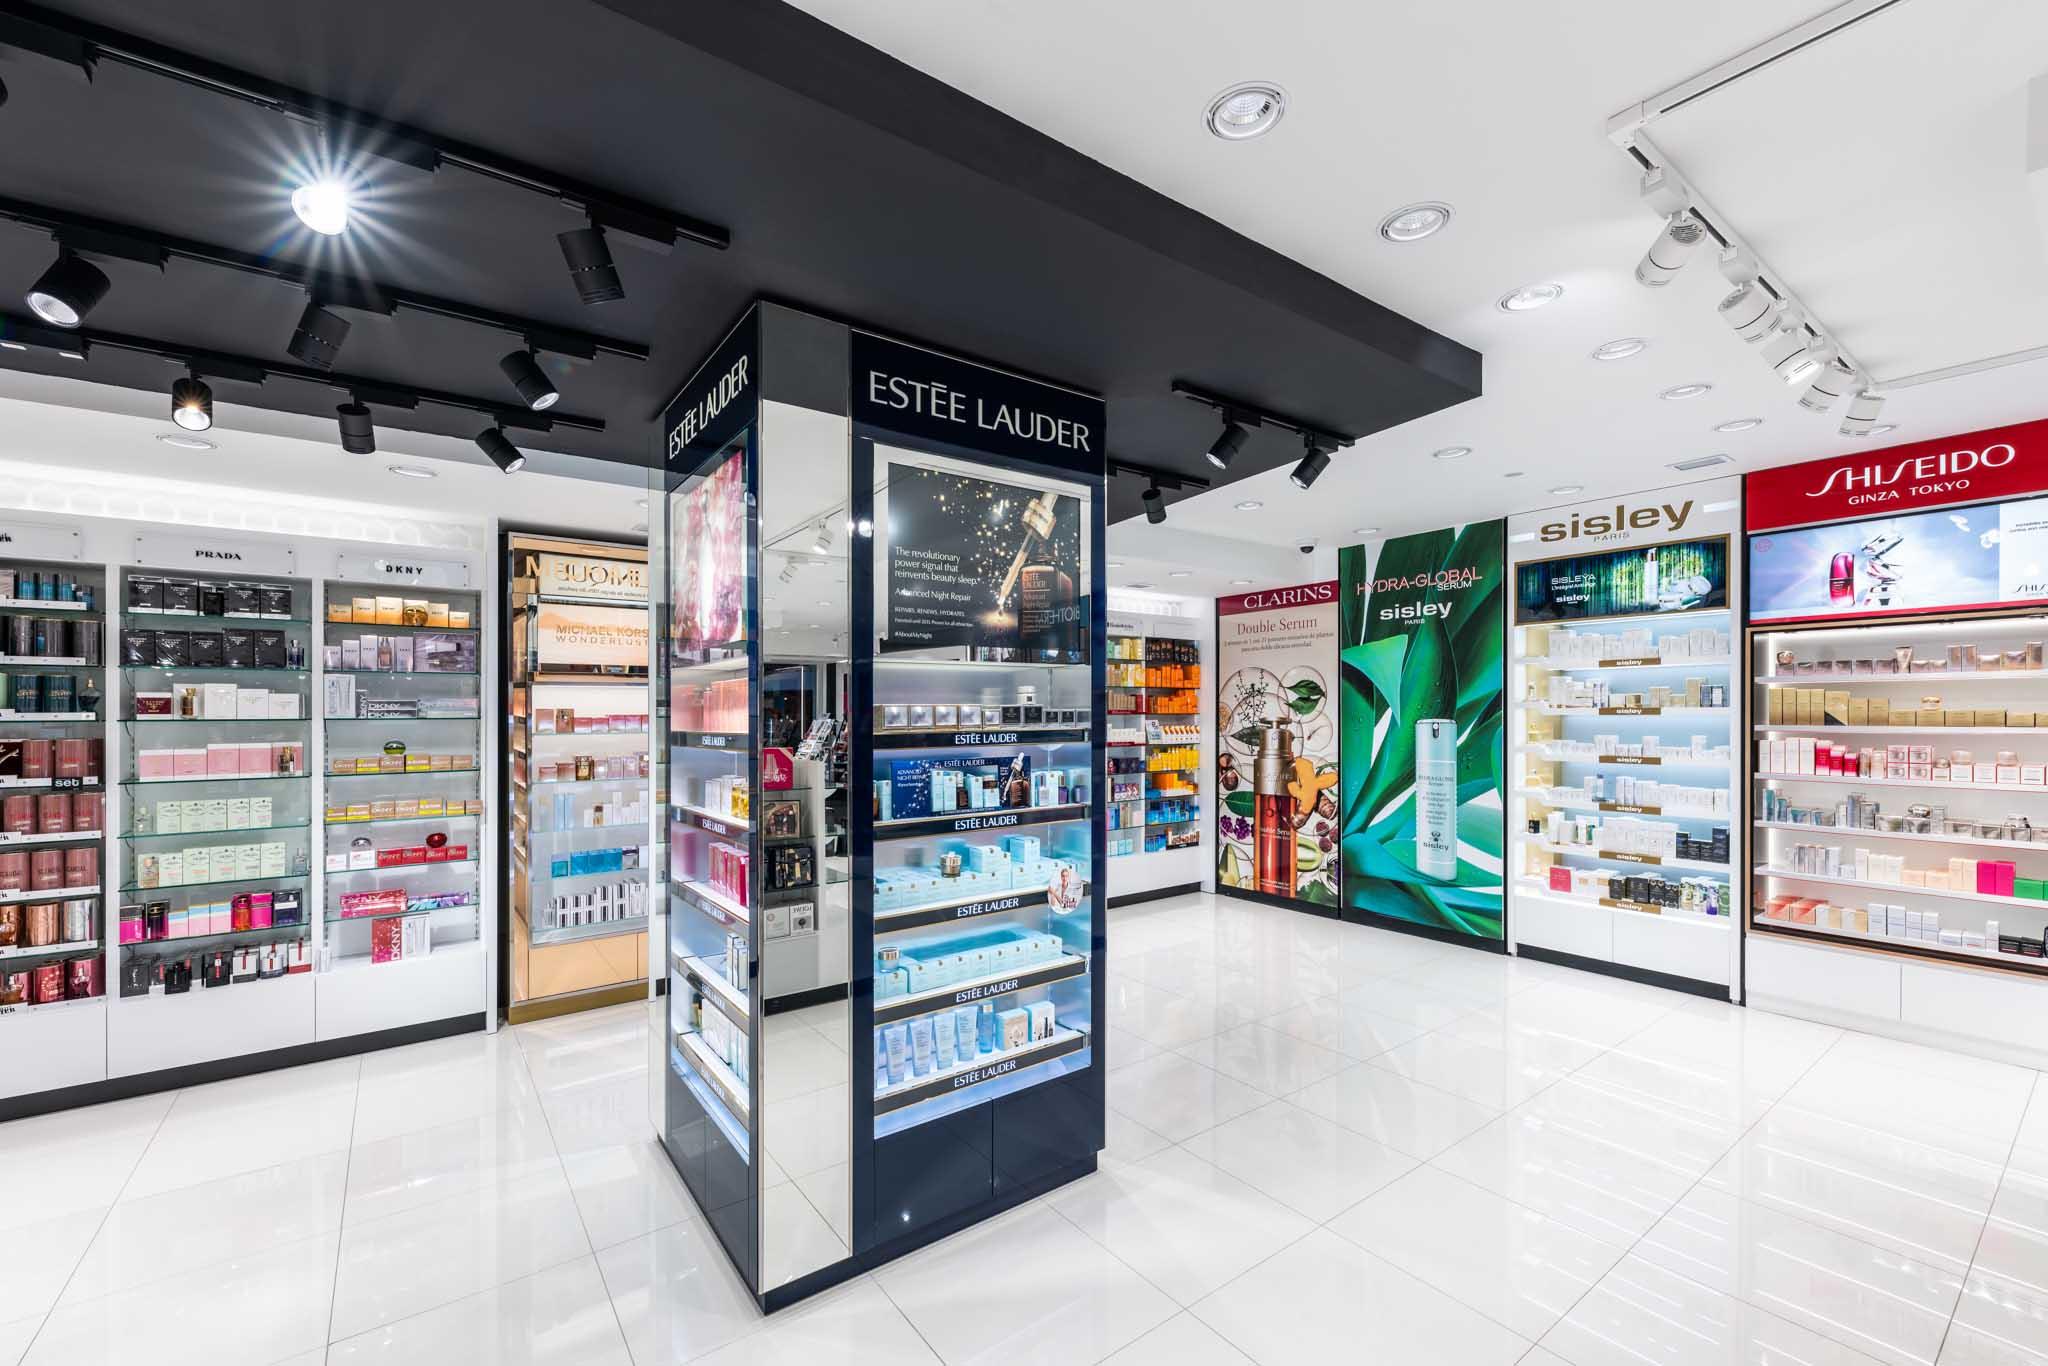 Instalación central Estel Lauder. Shiseido, Sisley, Clarins (derecha)